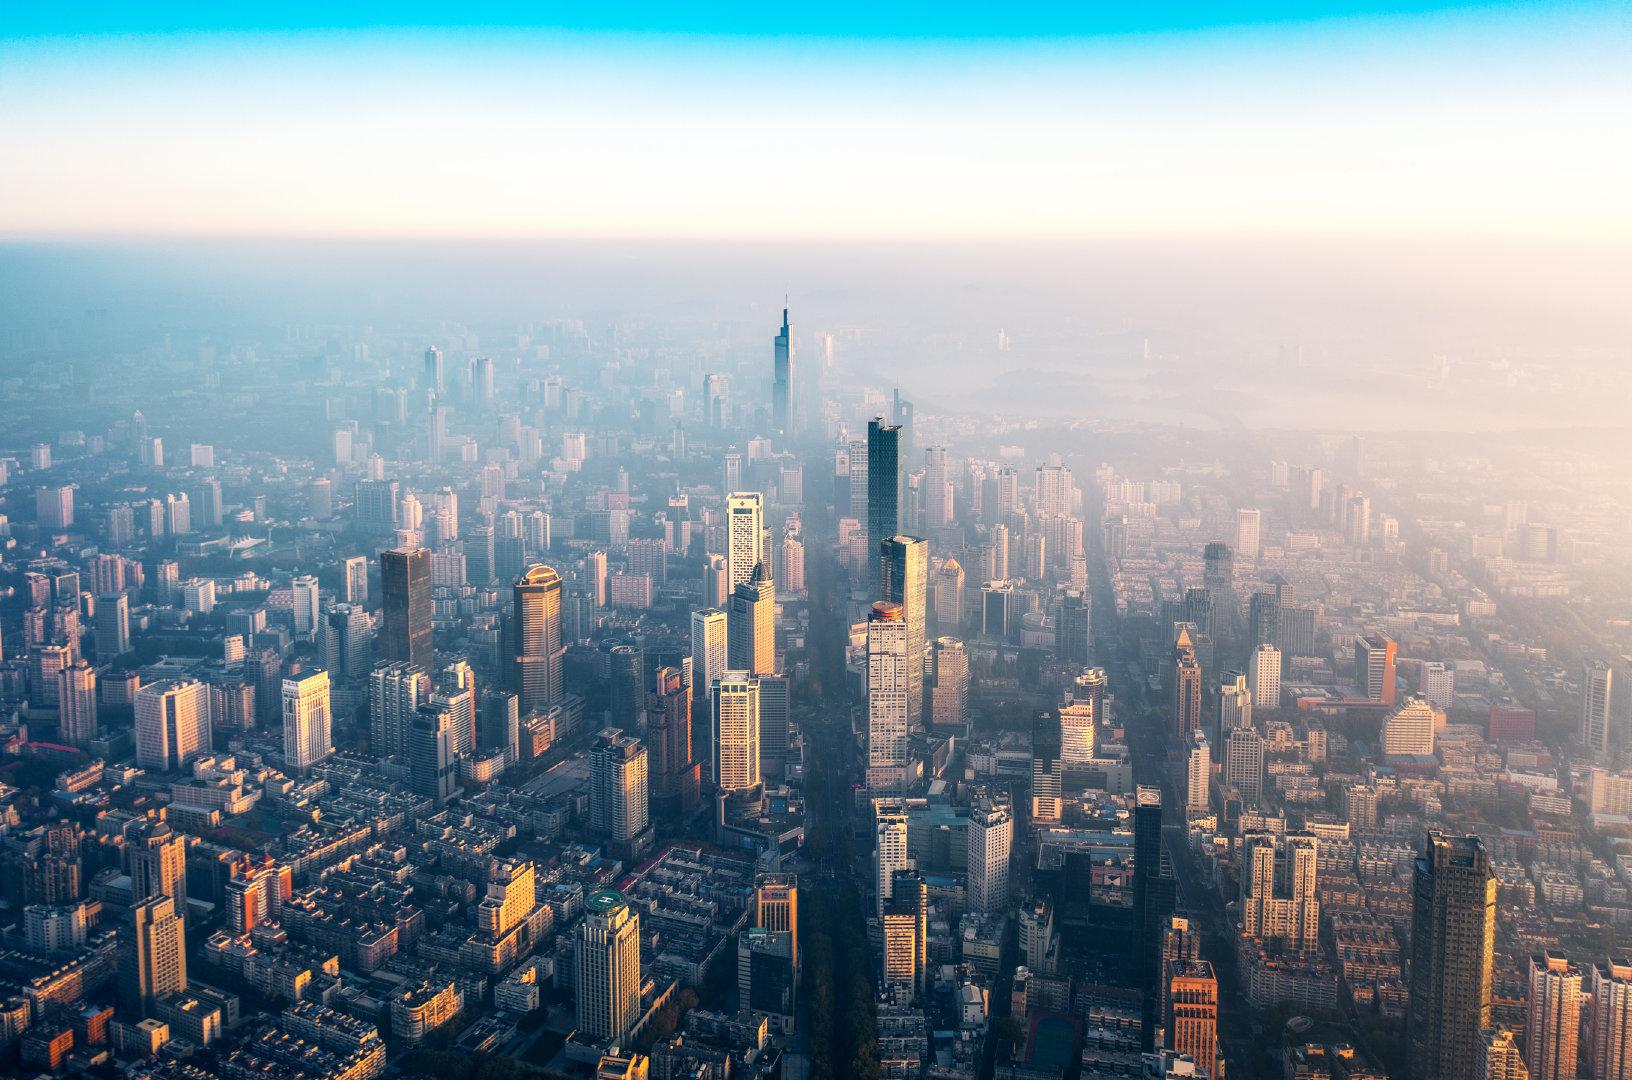 南京城市夜景-双子塔-夫子庙-紫峰大厦-阅江楼